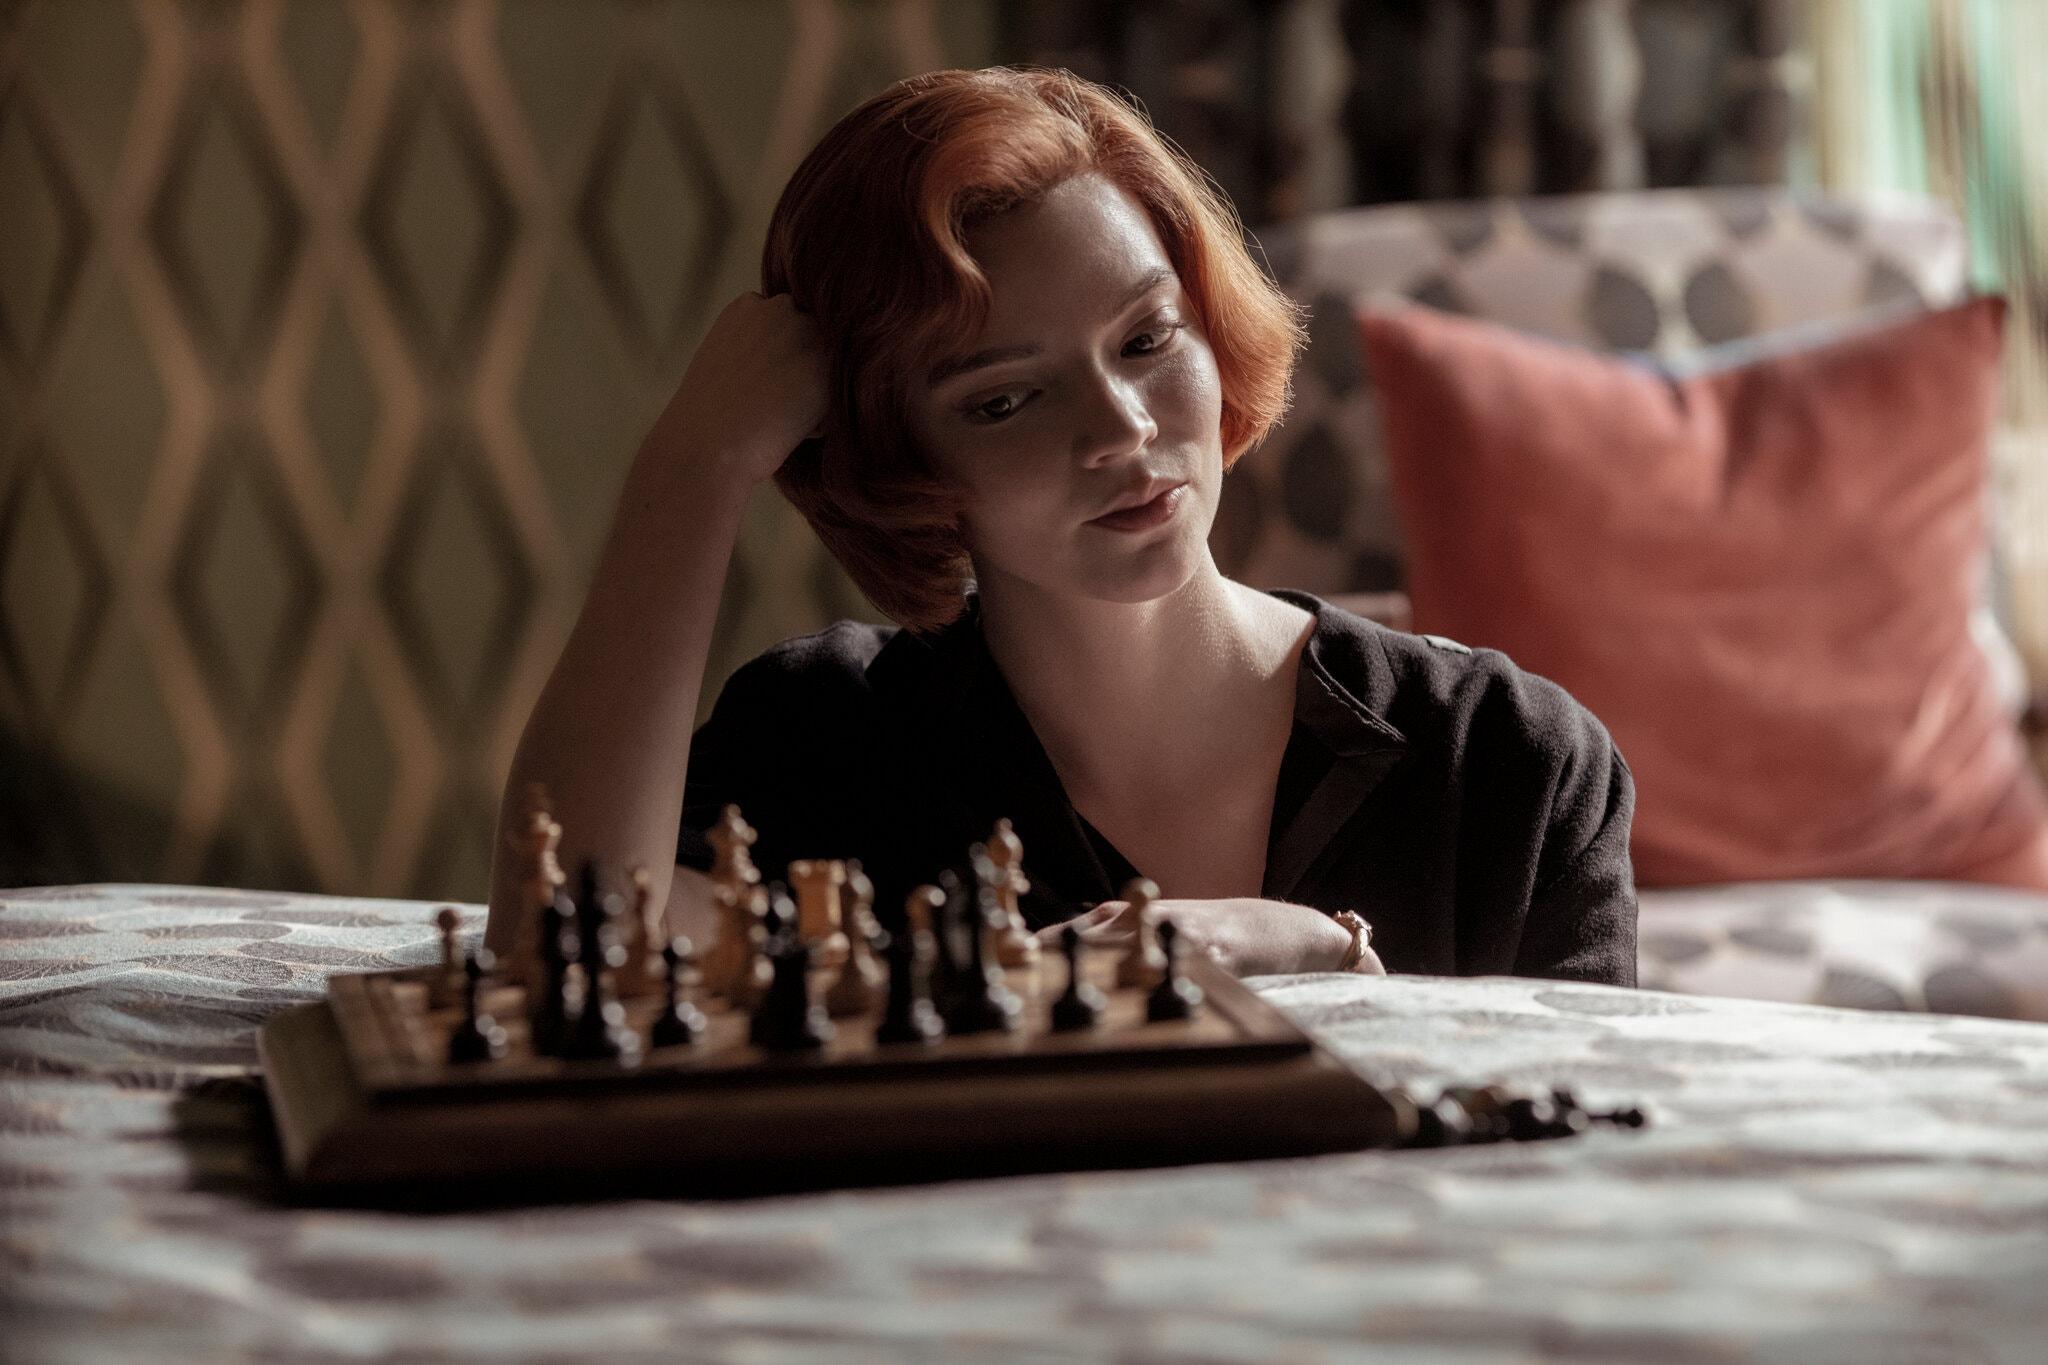 """האם """"גמביט המלכה"""" בנטפליקס היא אכן סדרה פמיניסטית?"""